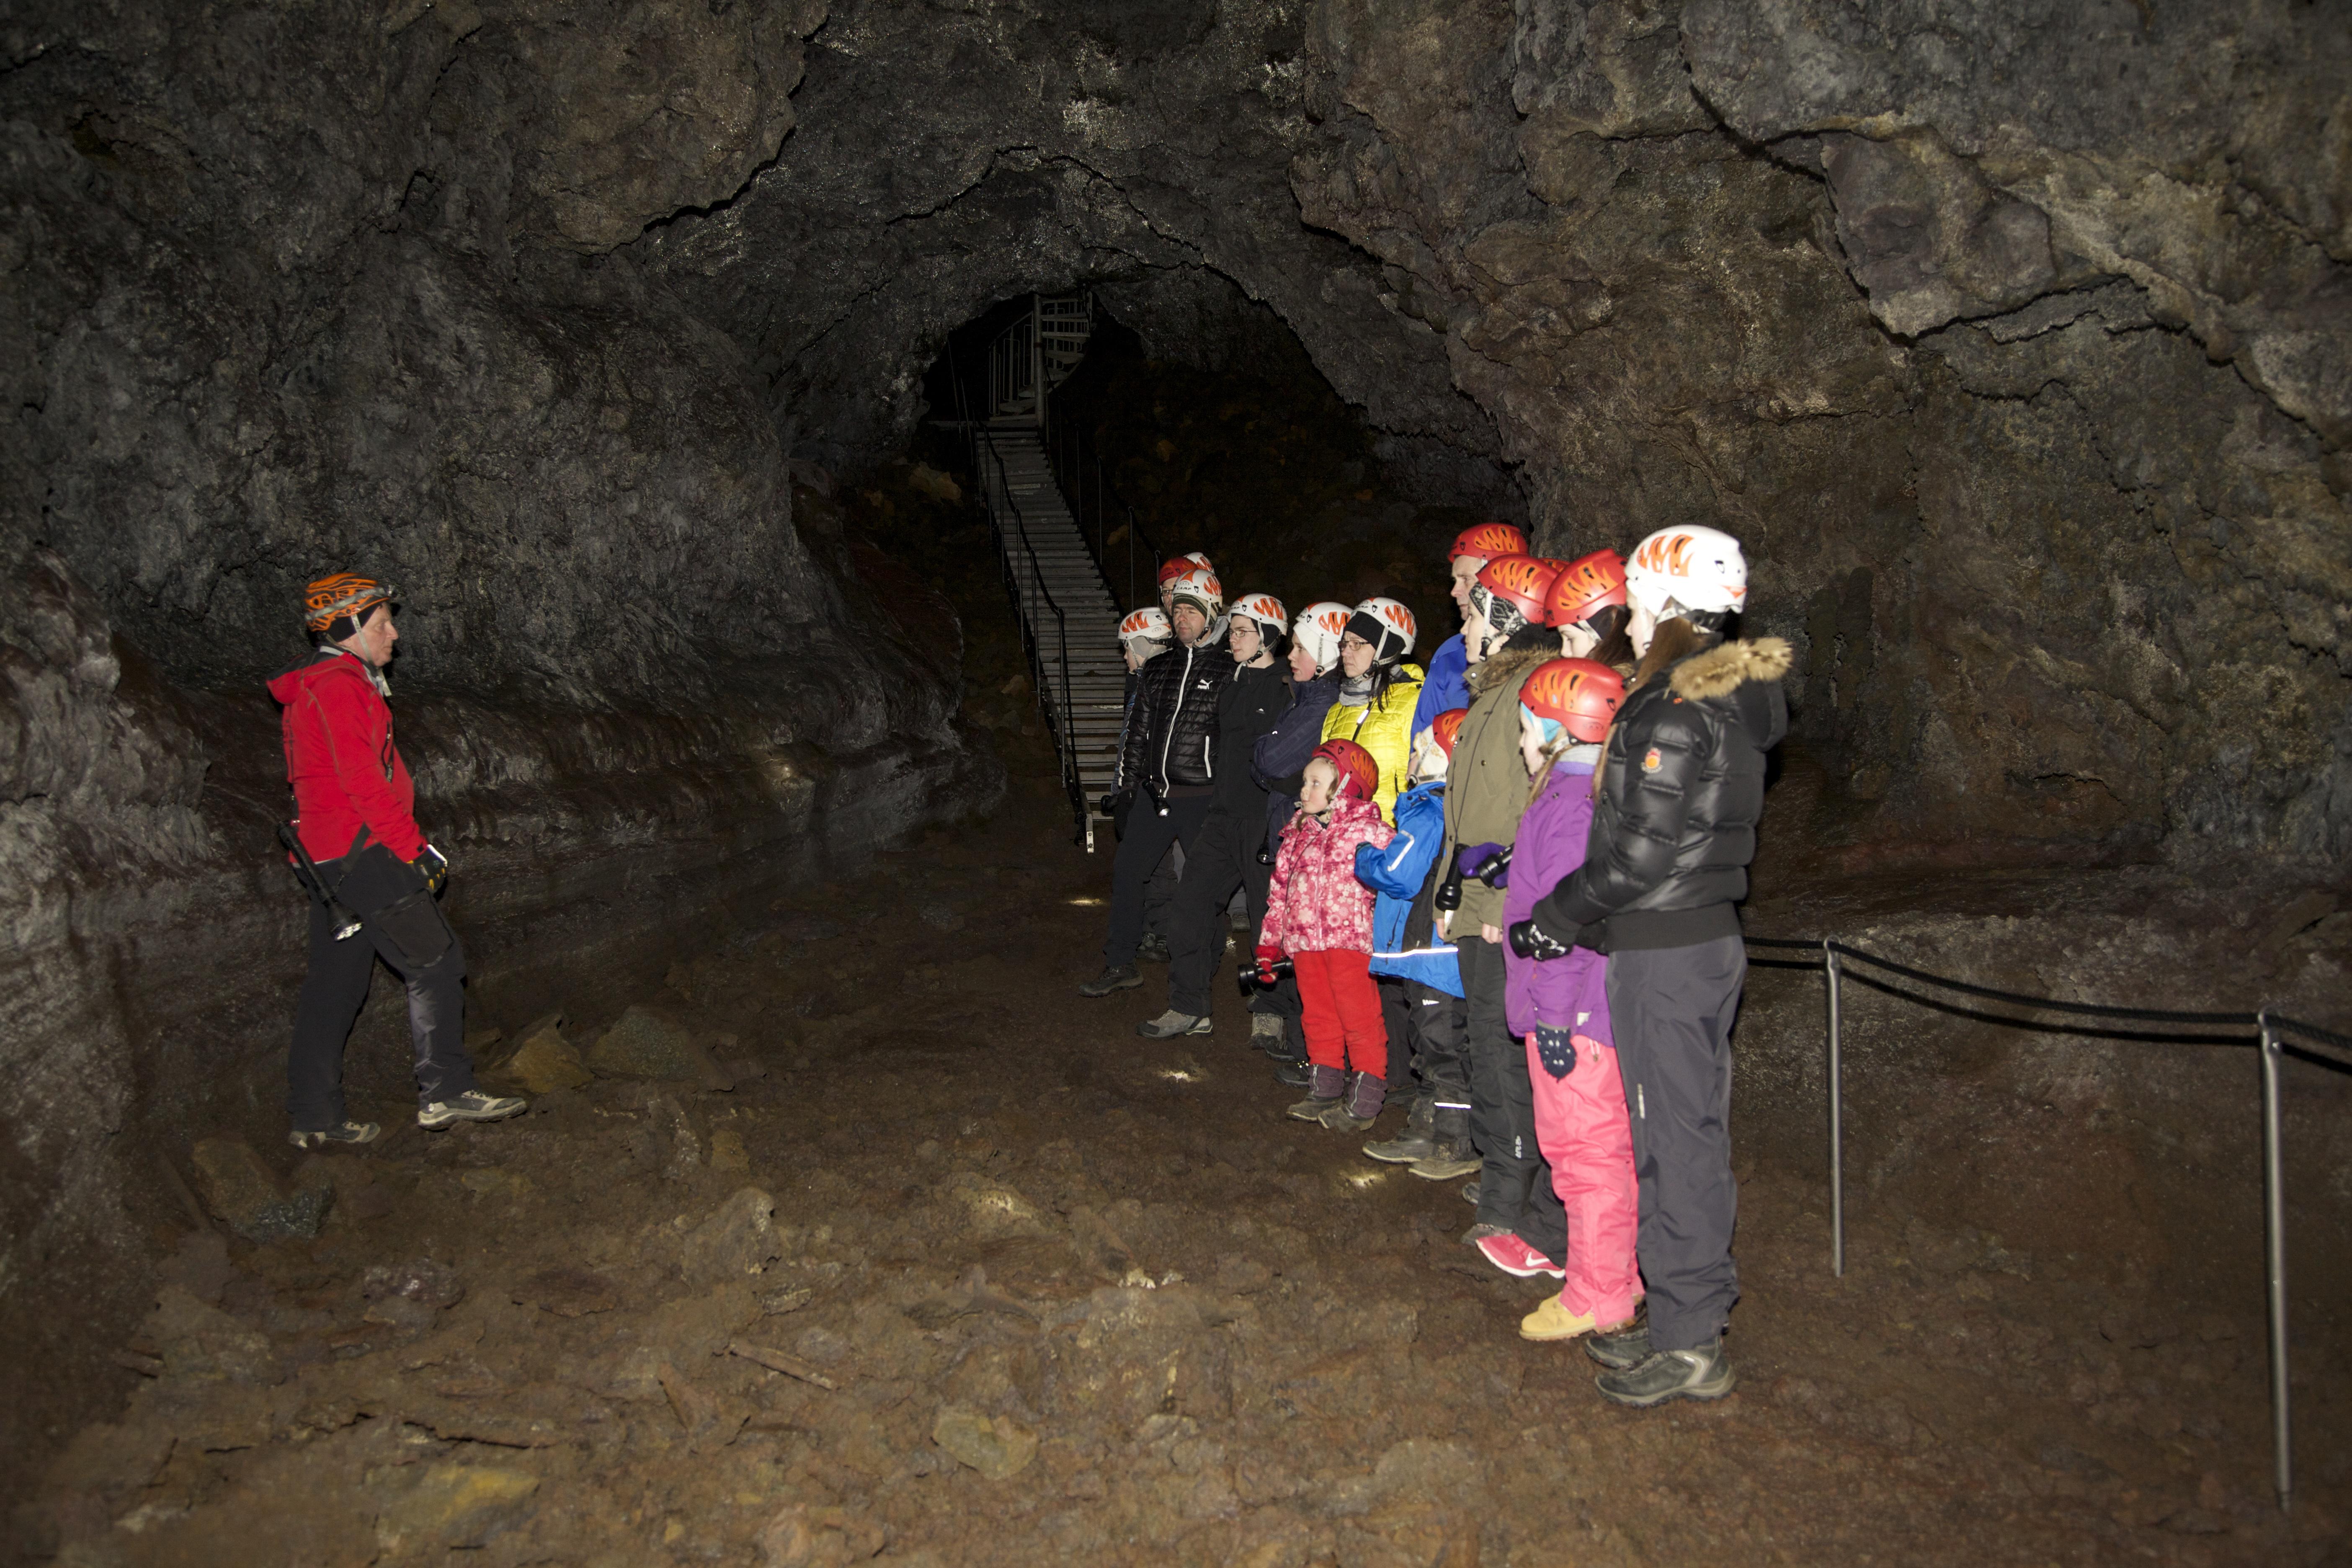 วาท์ทเฮลลิร์เป็นถ้ำลาวาบนคาบสมุทรสไนล์เฟลส์โจกุลที่มีอายุประมาณ 8,000 ปี